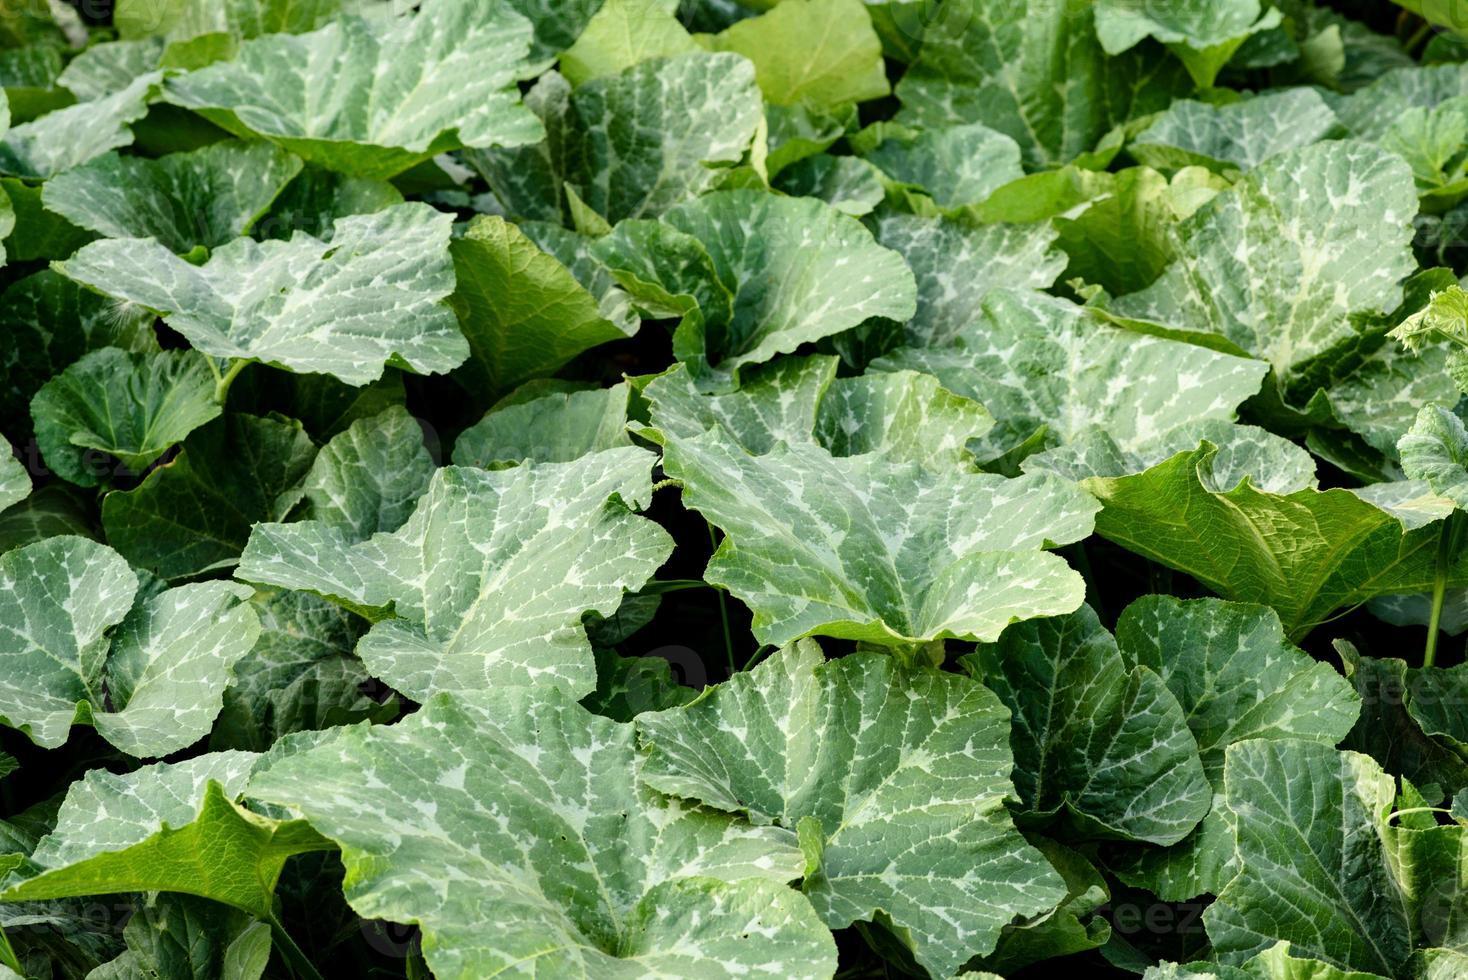 groene heldere bladeren van pompoenstruik op een huisperceel foto